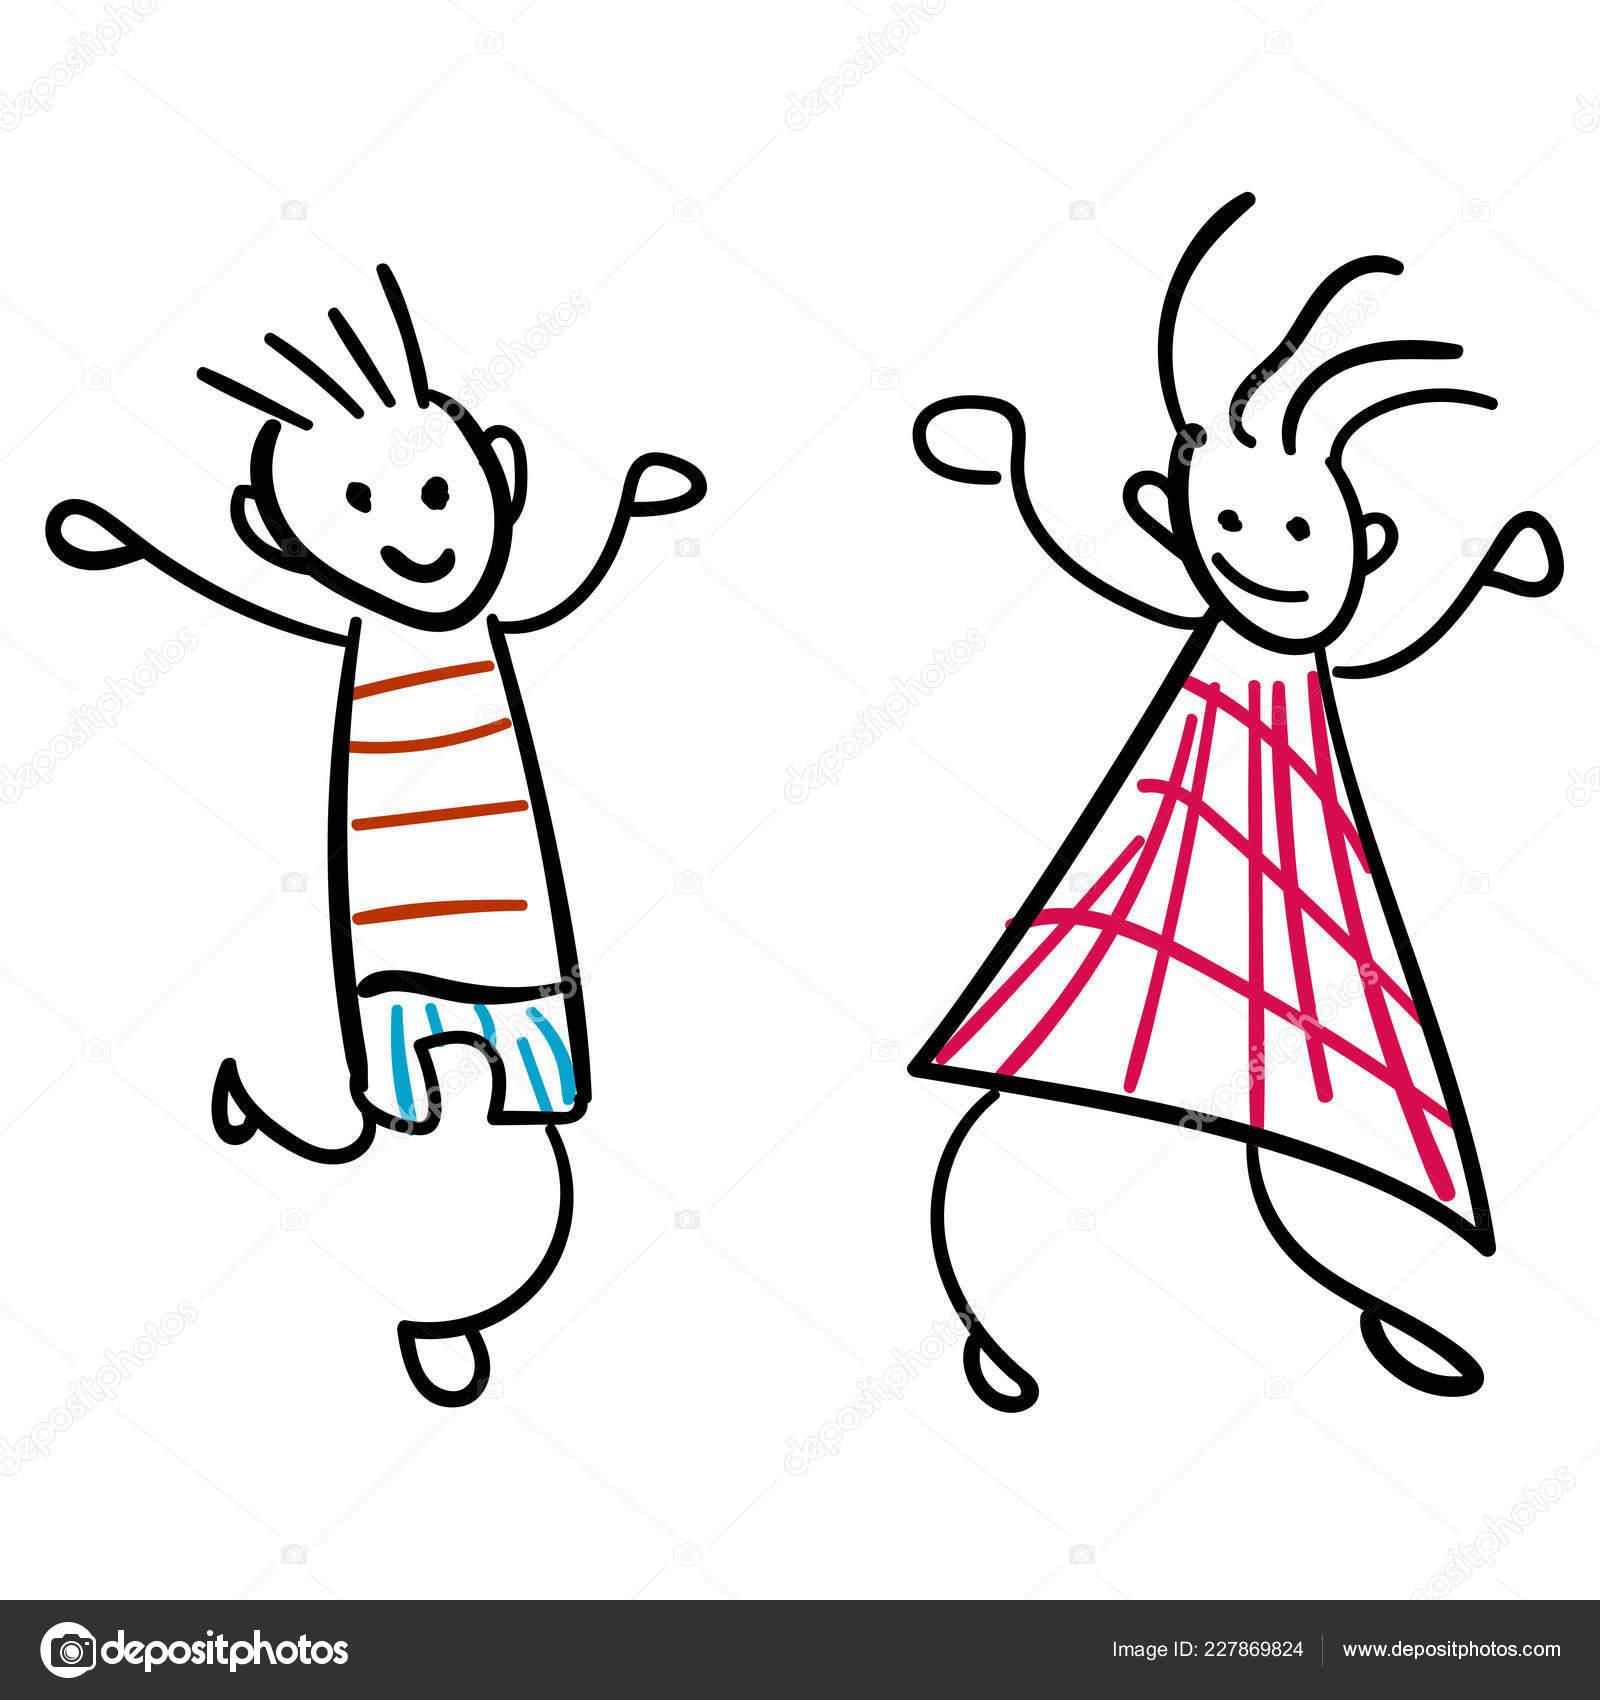 Fille Garçon Dans Style Dessins Pour Enfants Illustration